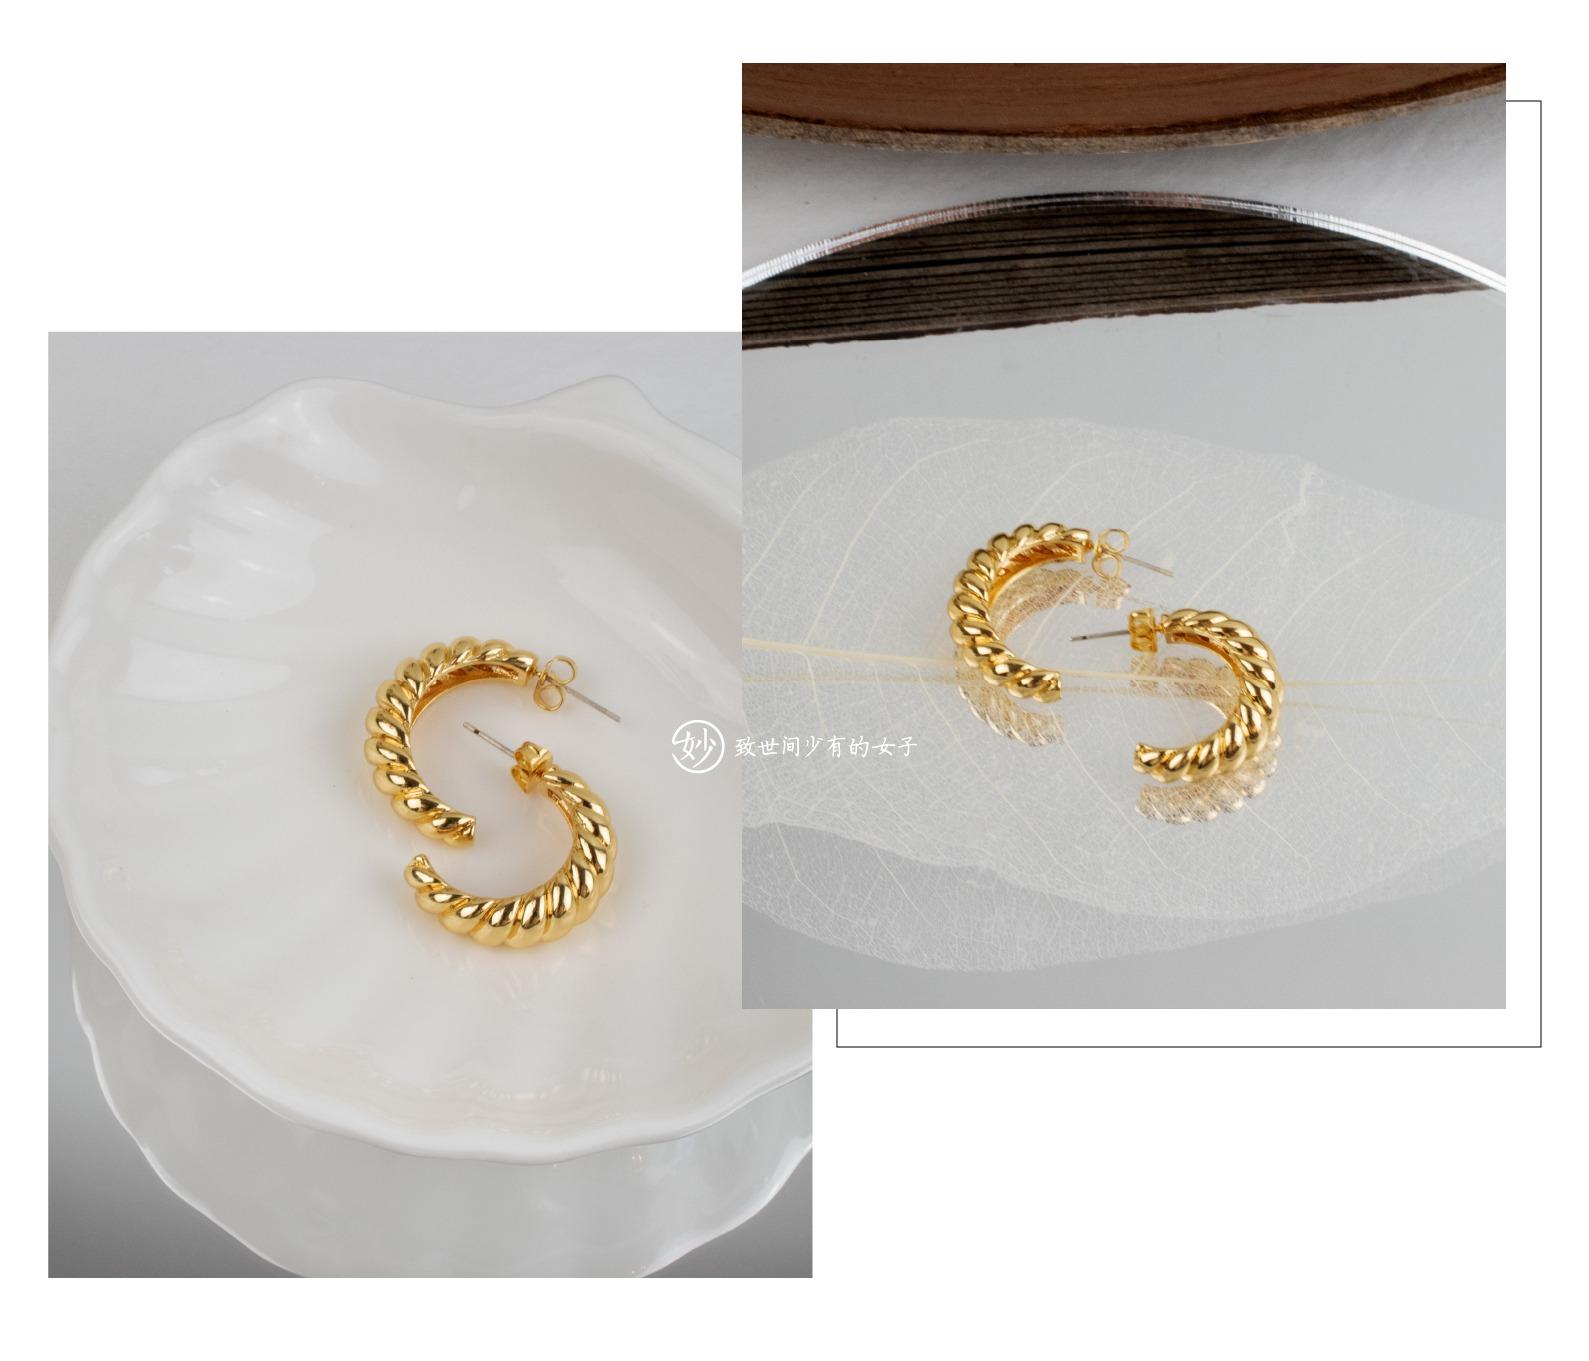 妙可颂牛角面包耳环自制款麻花耳钉法式造型必备单品